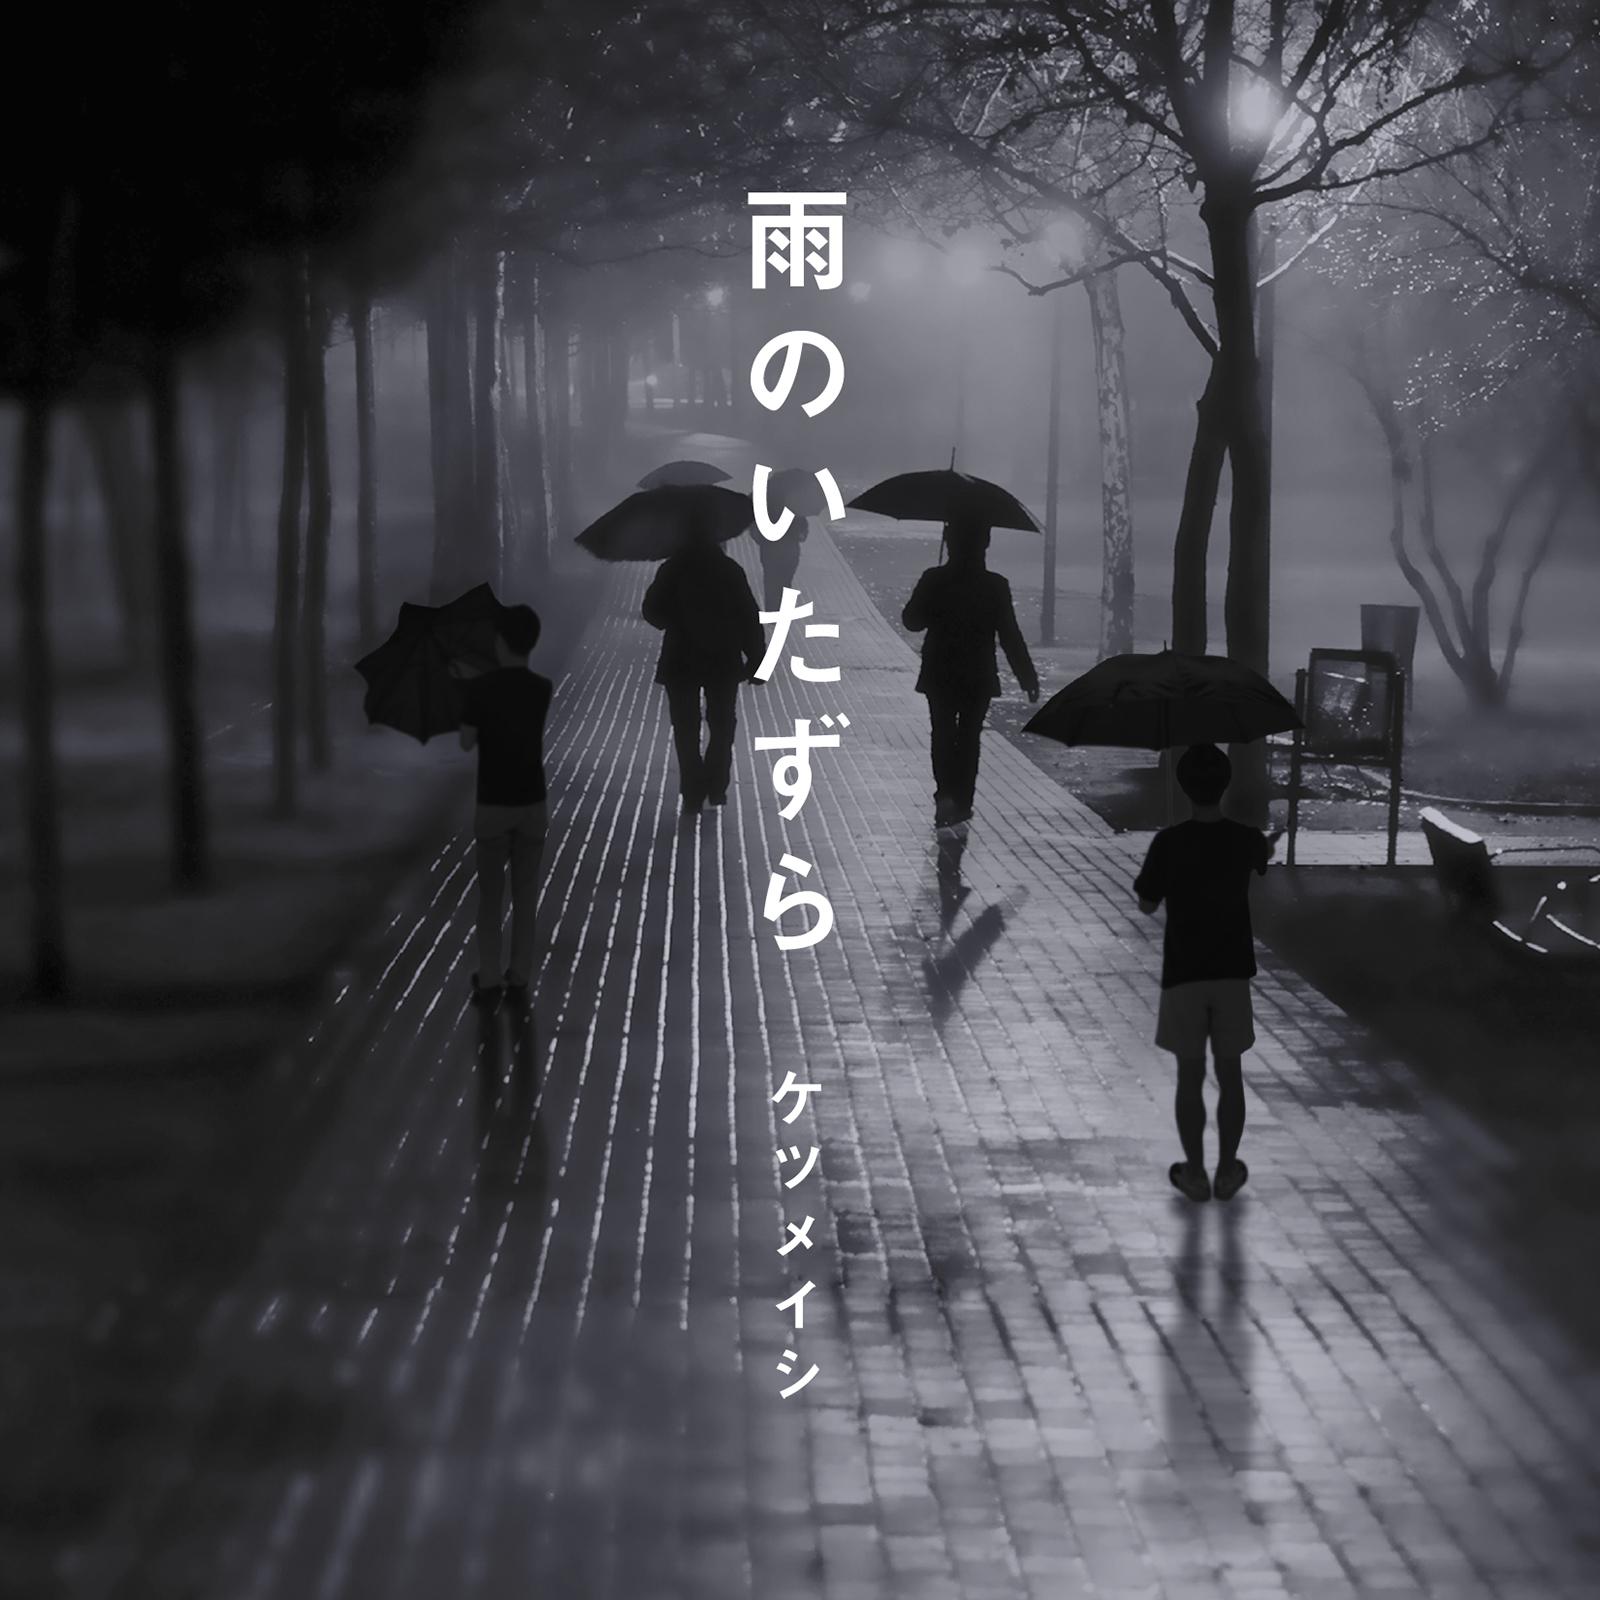 「雨のいたずら」ジャケット